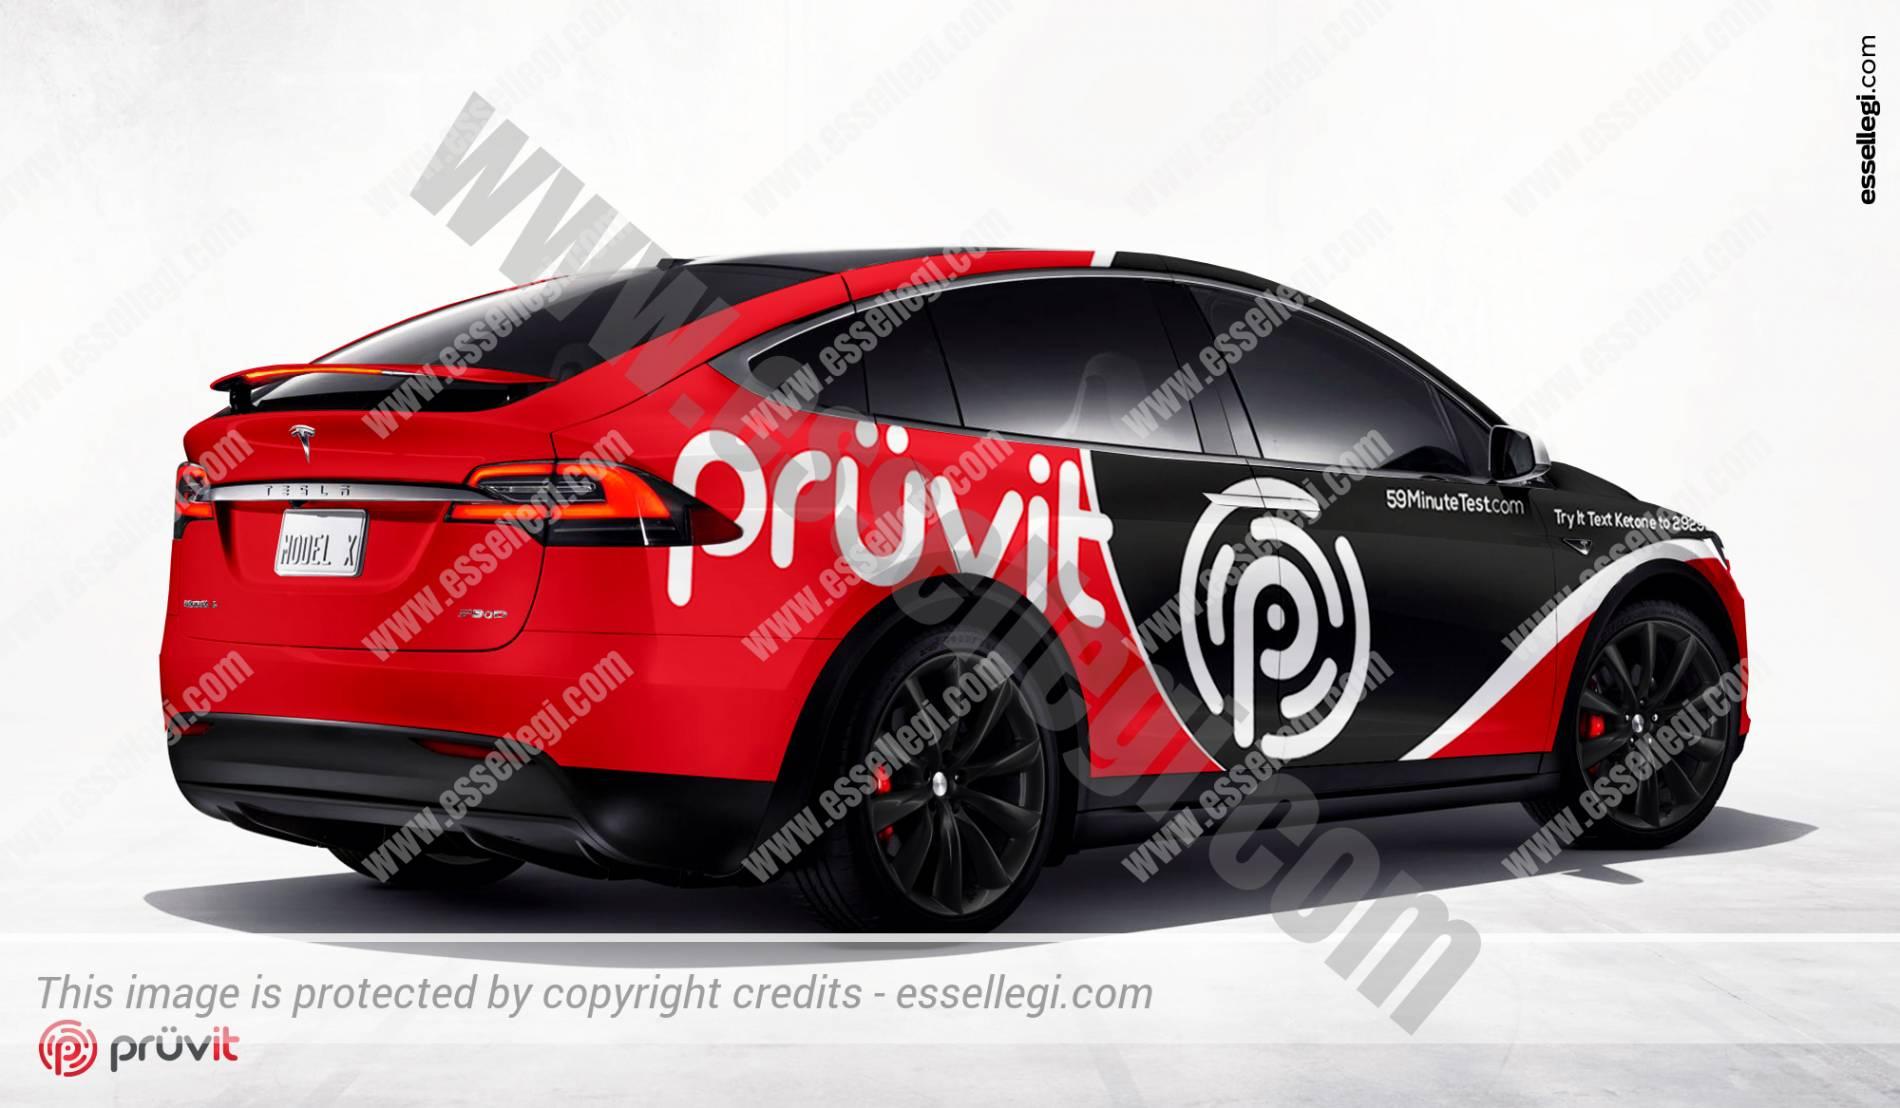 Tesla Model X | Car Wrap Design by Essellegi. Car Signs, Car Signage, Car Signwriting, Car Wrap Designer, Car Wrap Design by Essellegi.